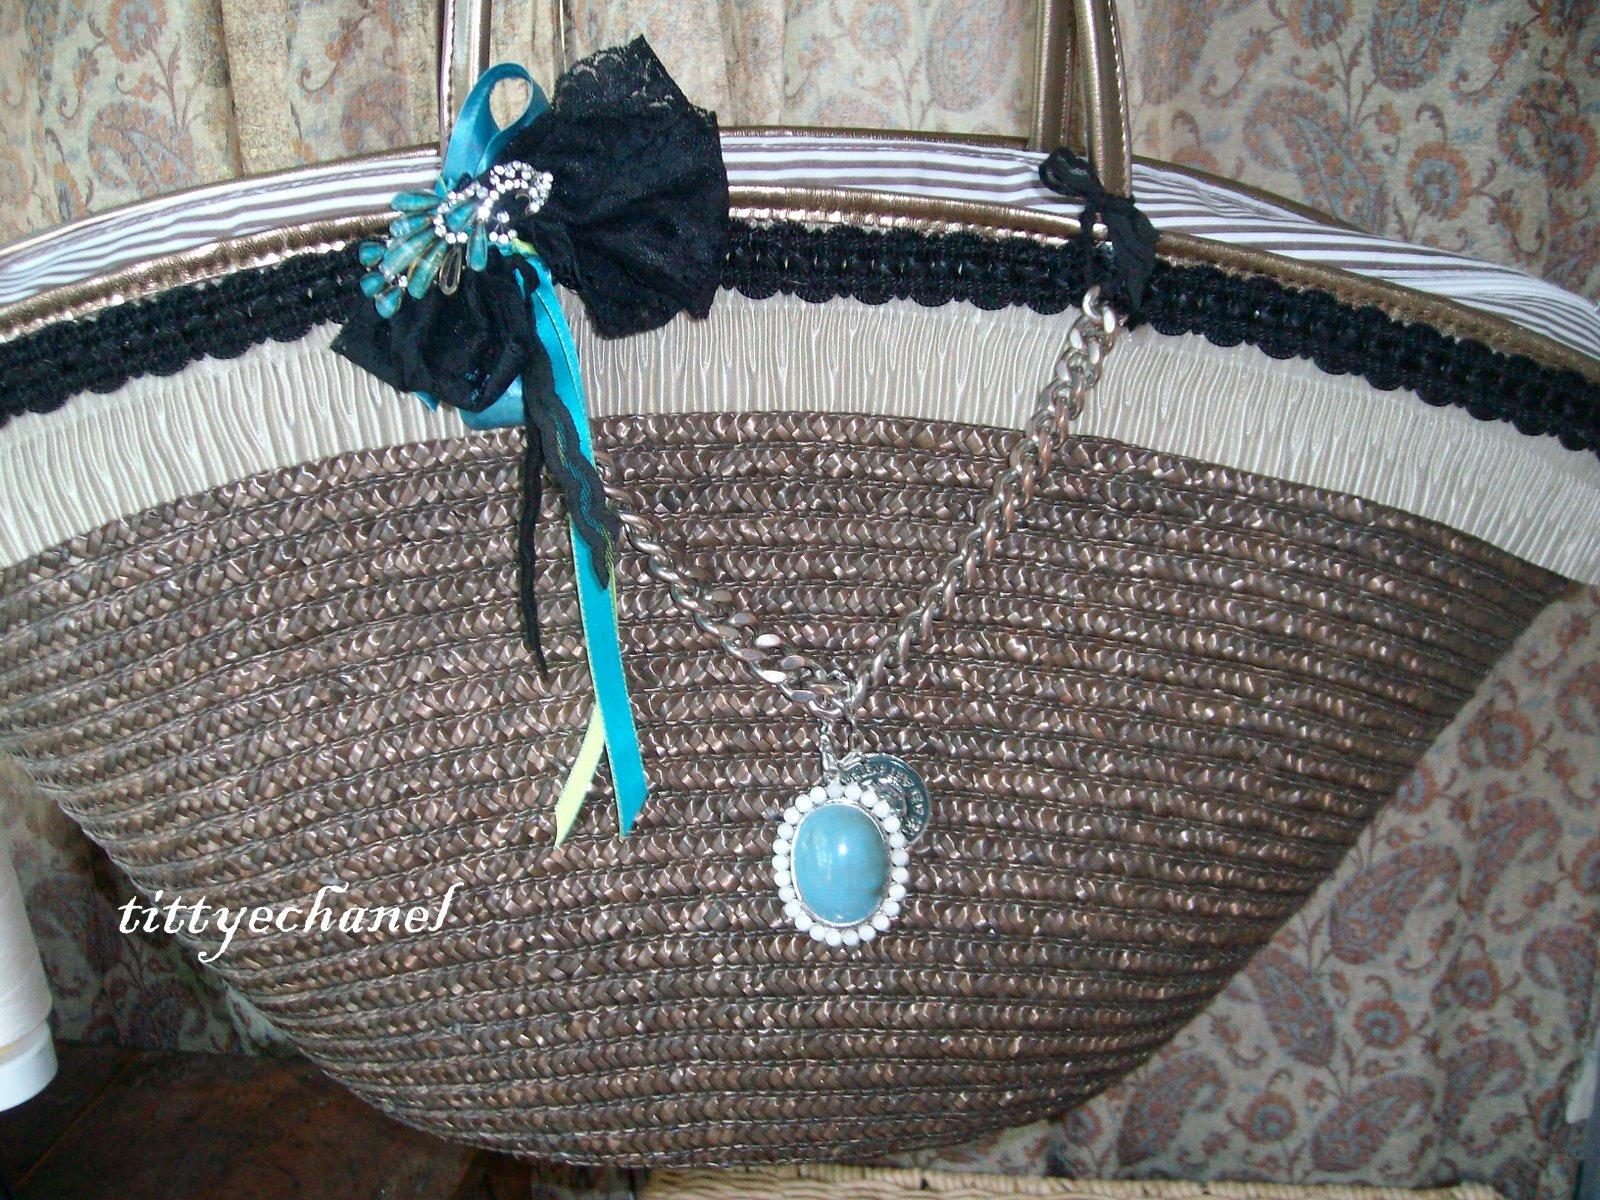 Borse Di Paglia Decorate Alluncinetto : Tiziana ventola flowers decoration borse di paglia decorate